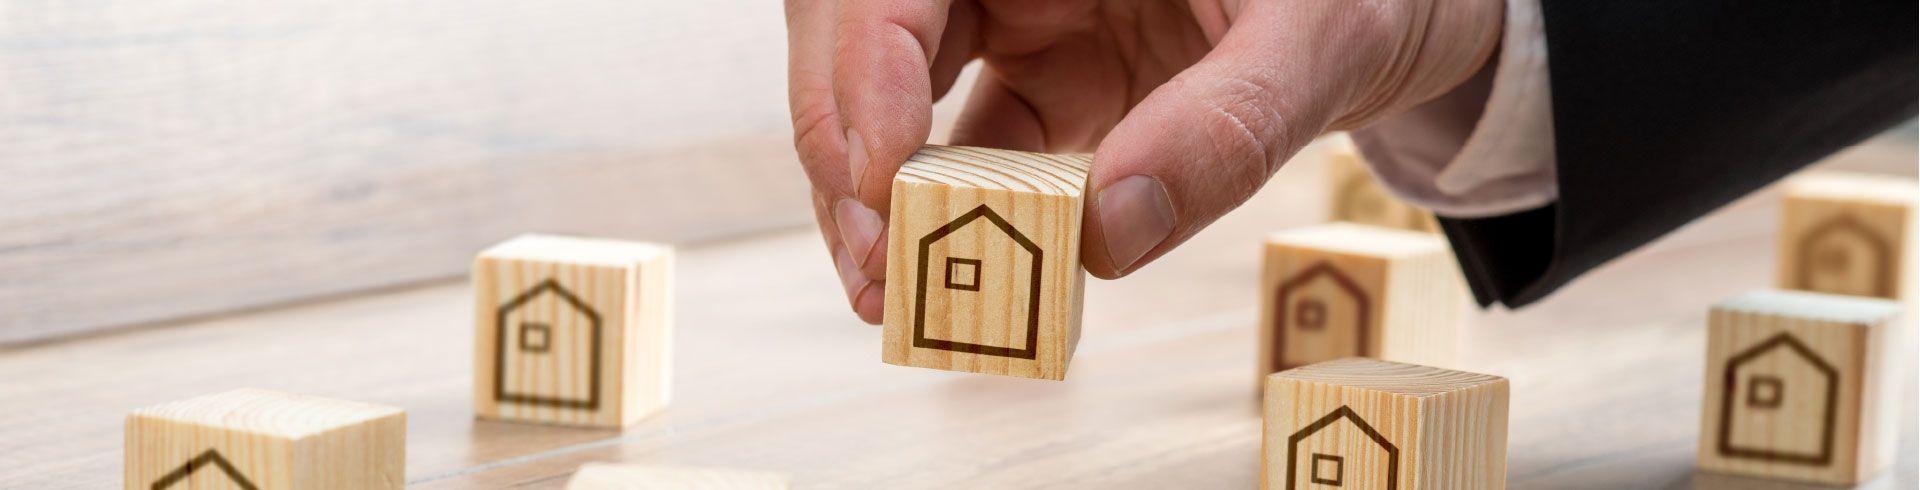 Unsere Referenzen: Eigentümergemeinschaften aller Größen